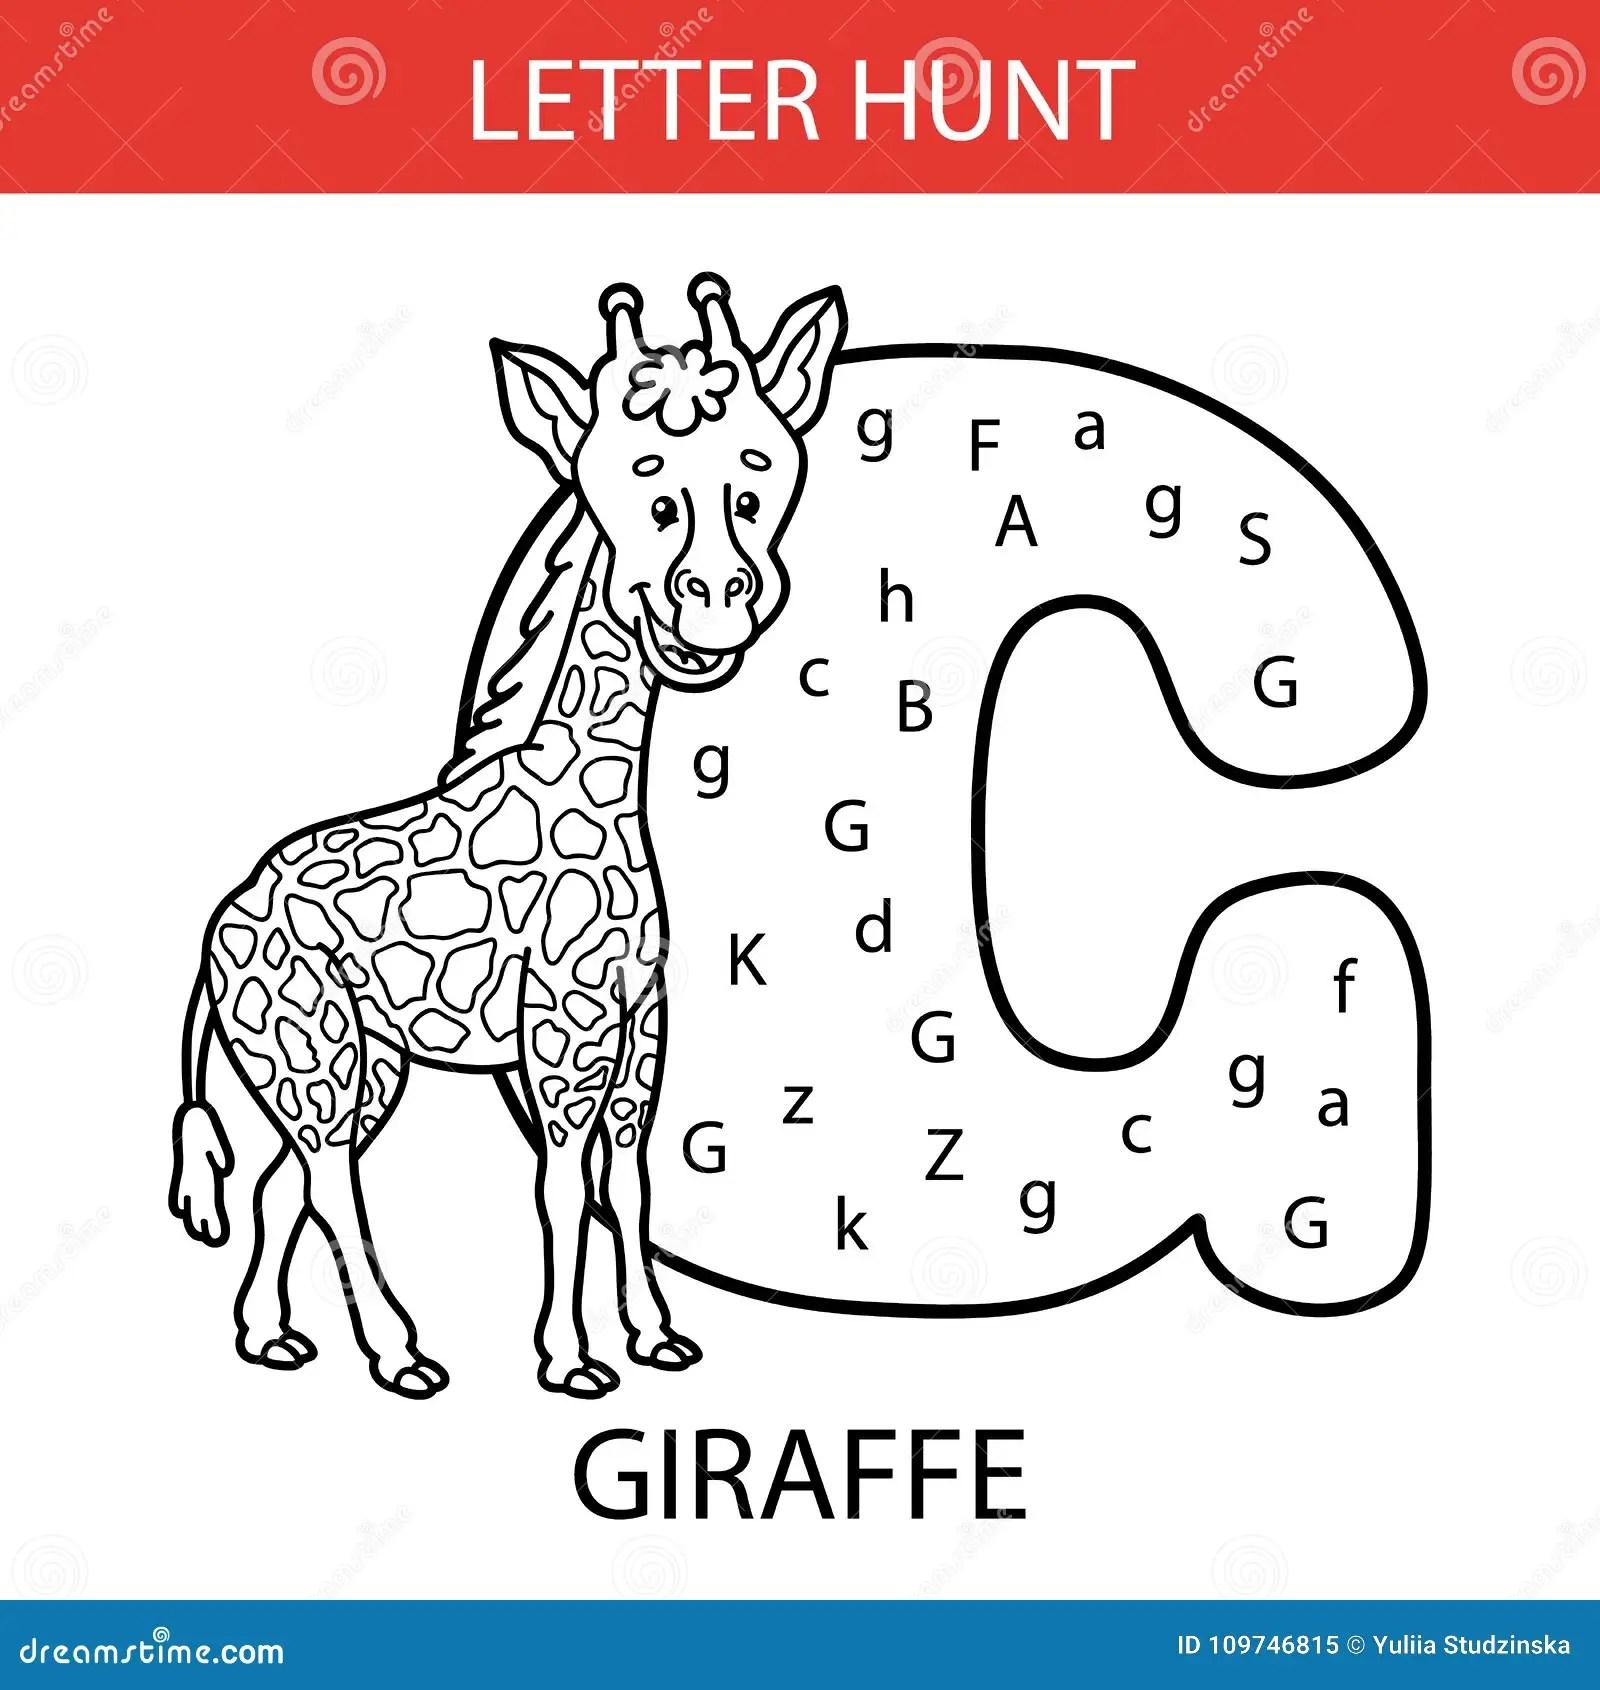 Animal Letter Hunt Giraffe Stock Vector Illustration Of